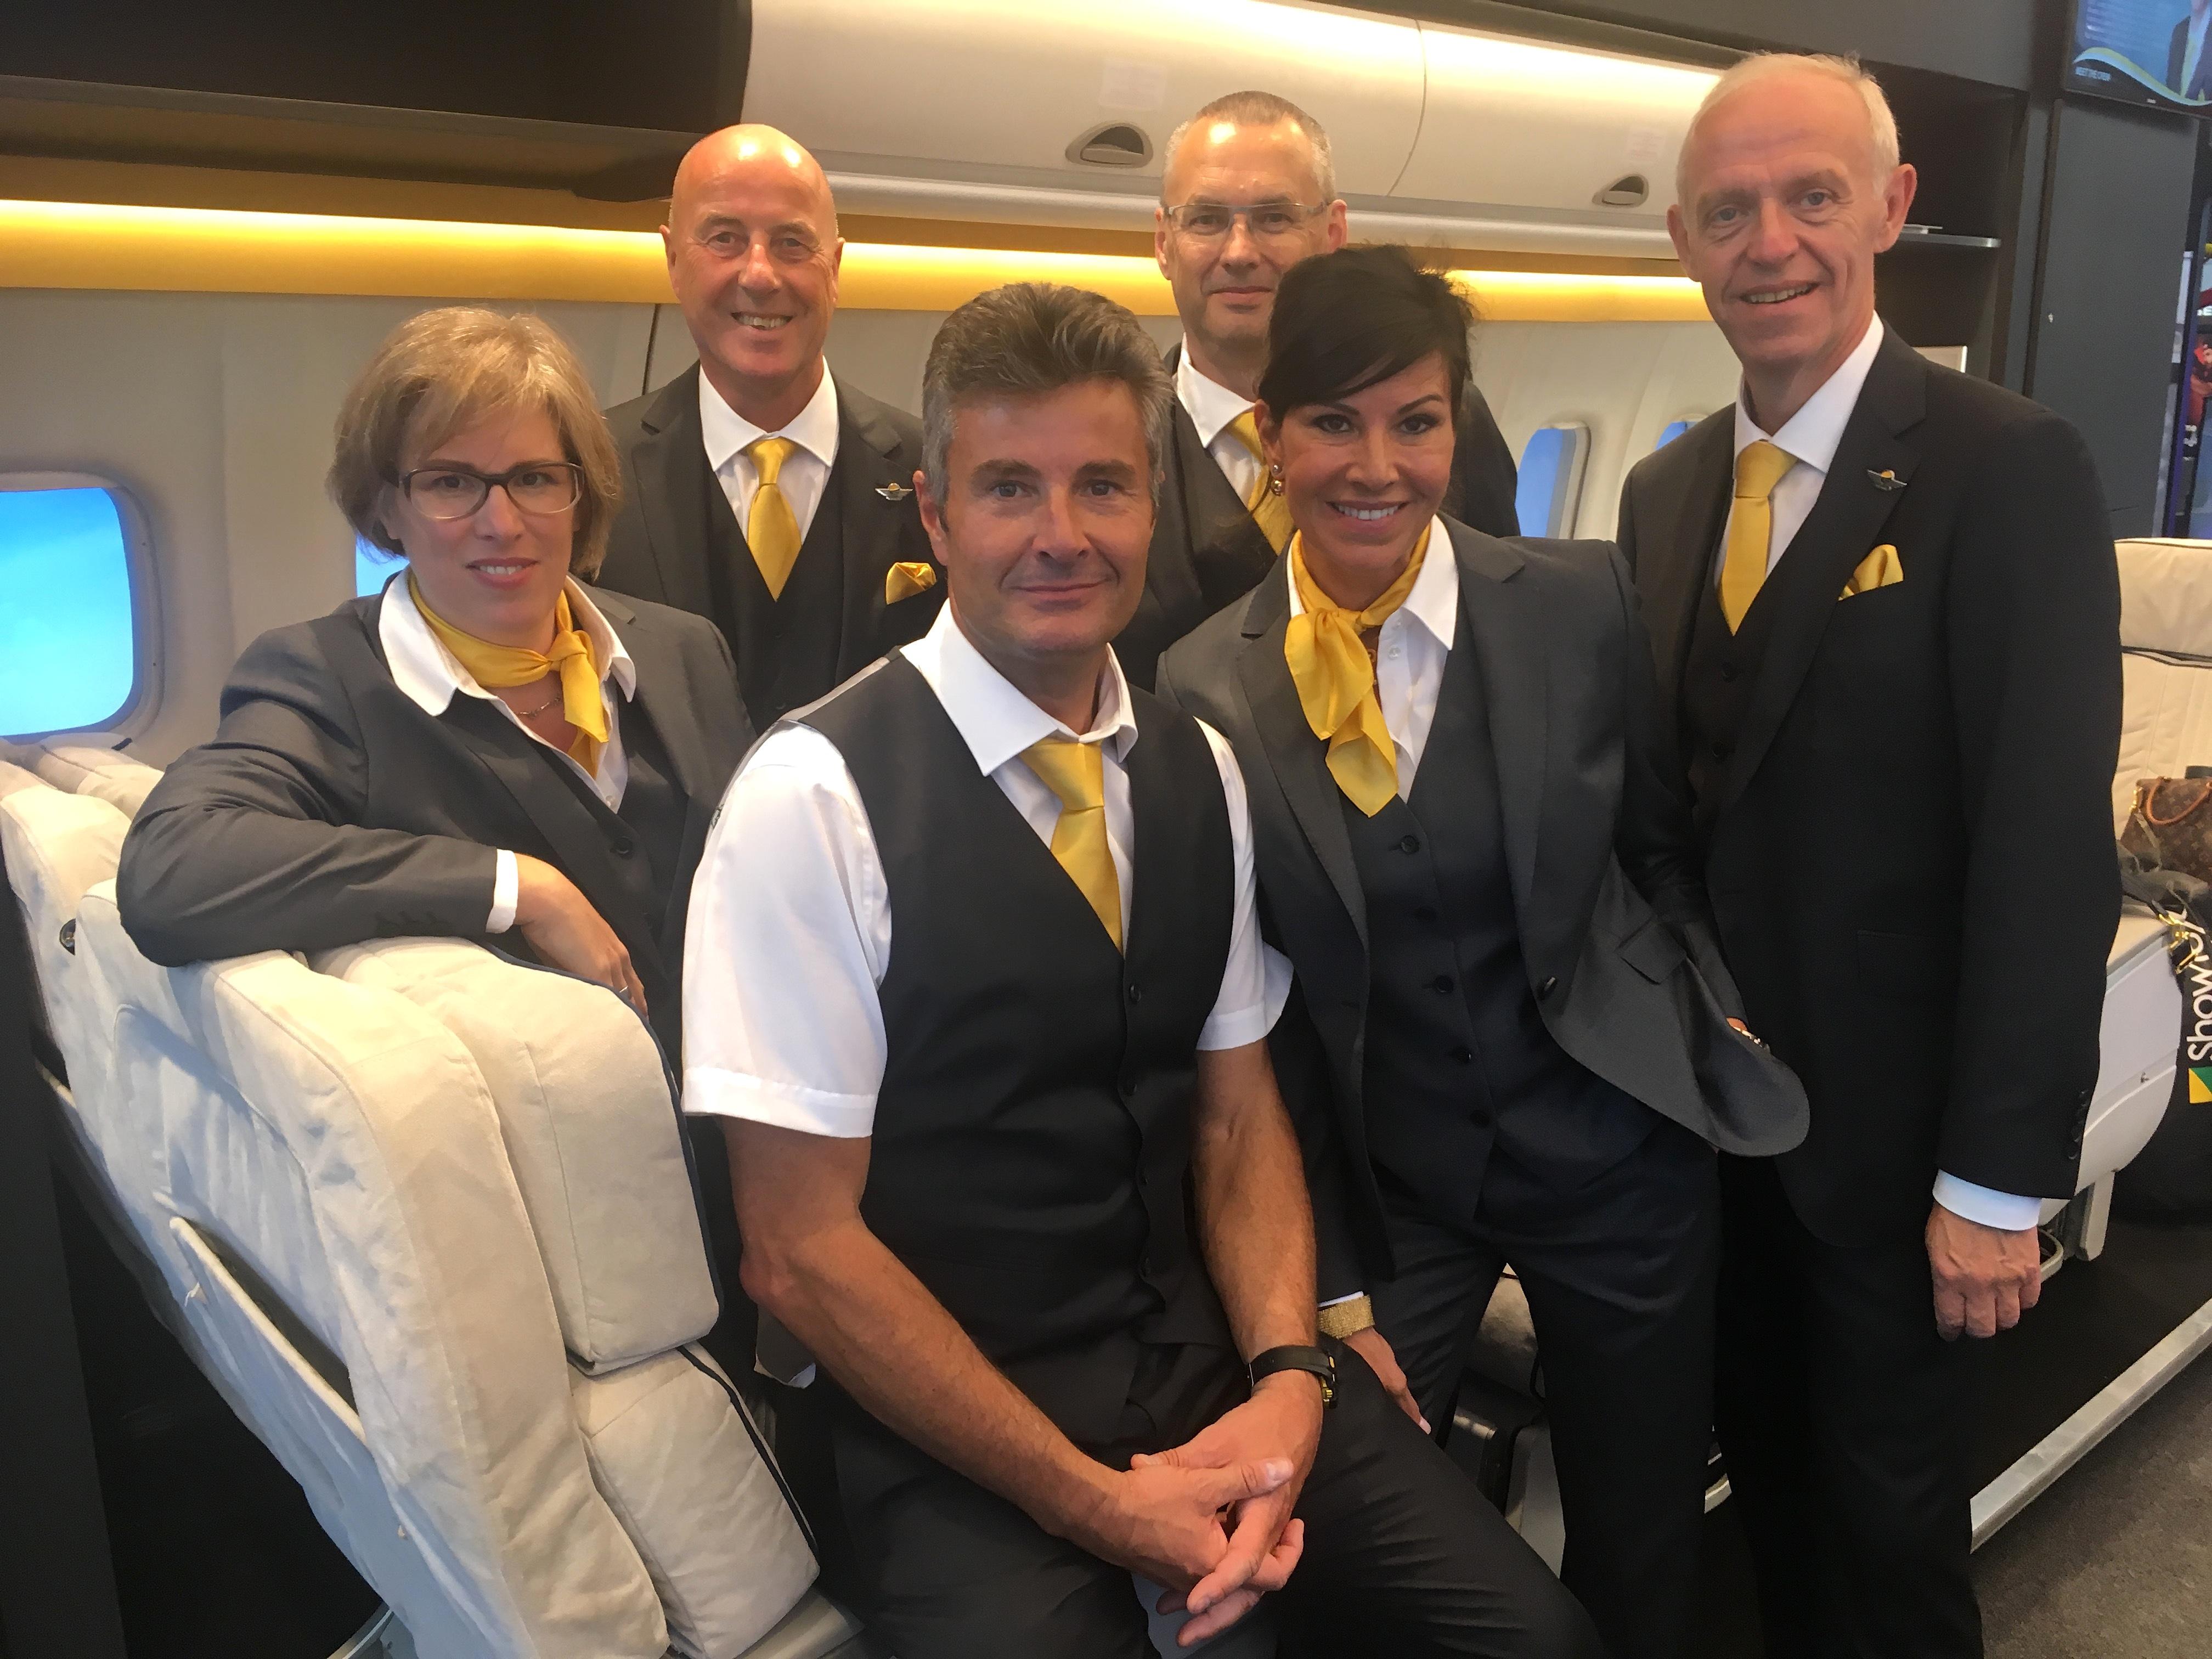 The Captain Jack crew at IAAPA Expo Europe (from left to right): Elke Vandersypen, Reinoud van Assendelft de Coningh, Jack Schoepen, Dirk Daems, Myriam Schoepen and Erik Jacquemyn.